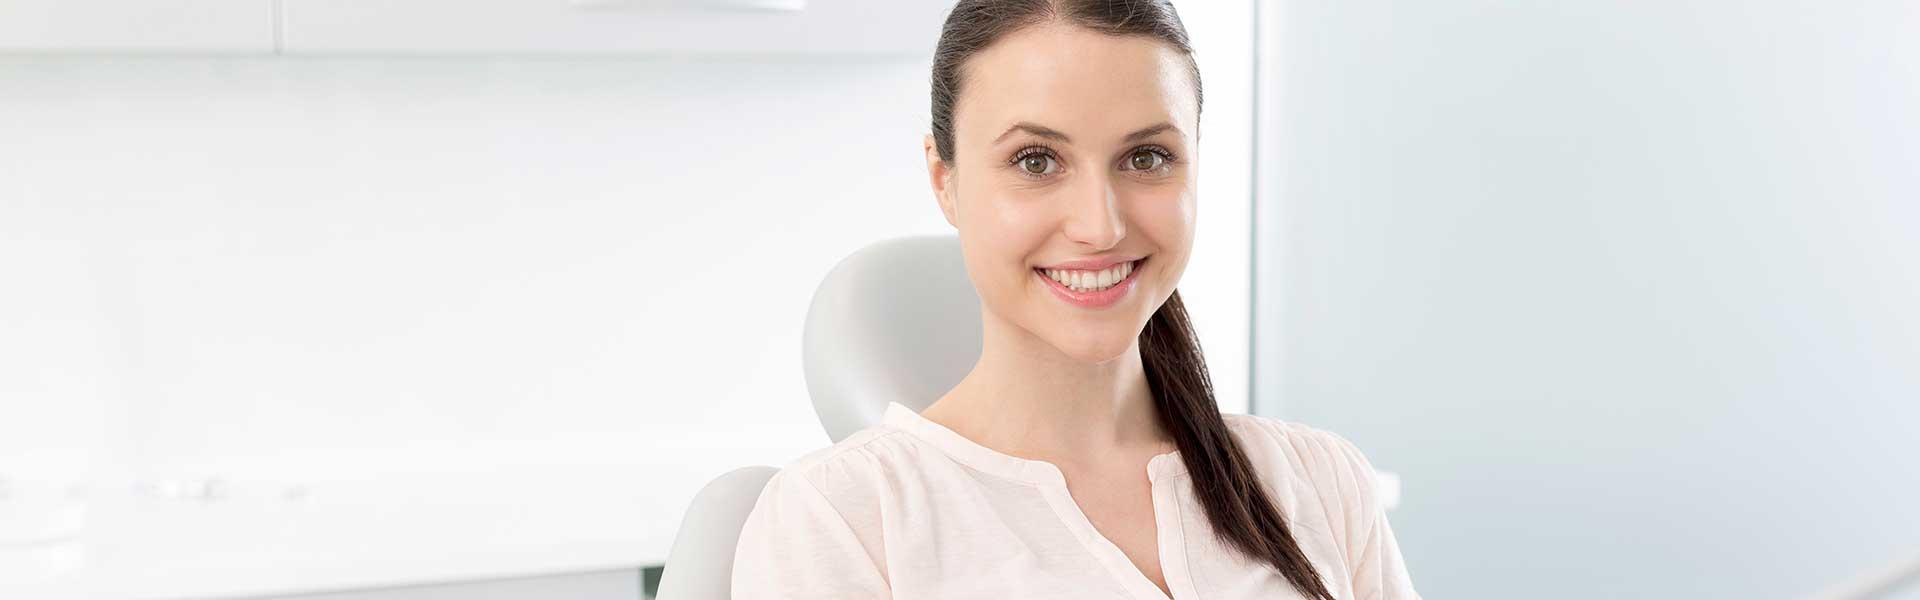 gum-disease-treatment-cabramatta